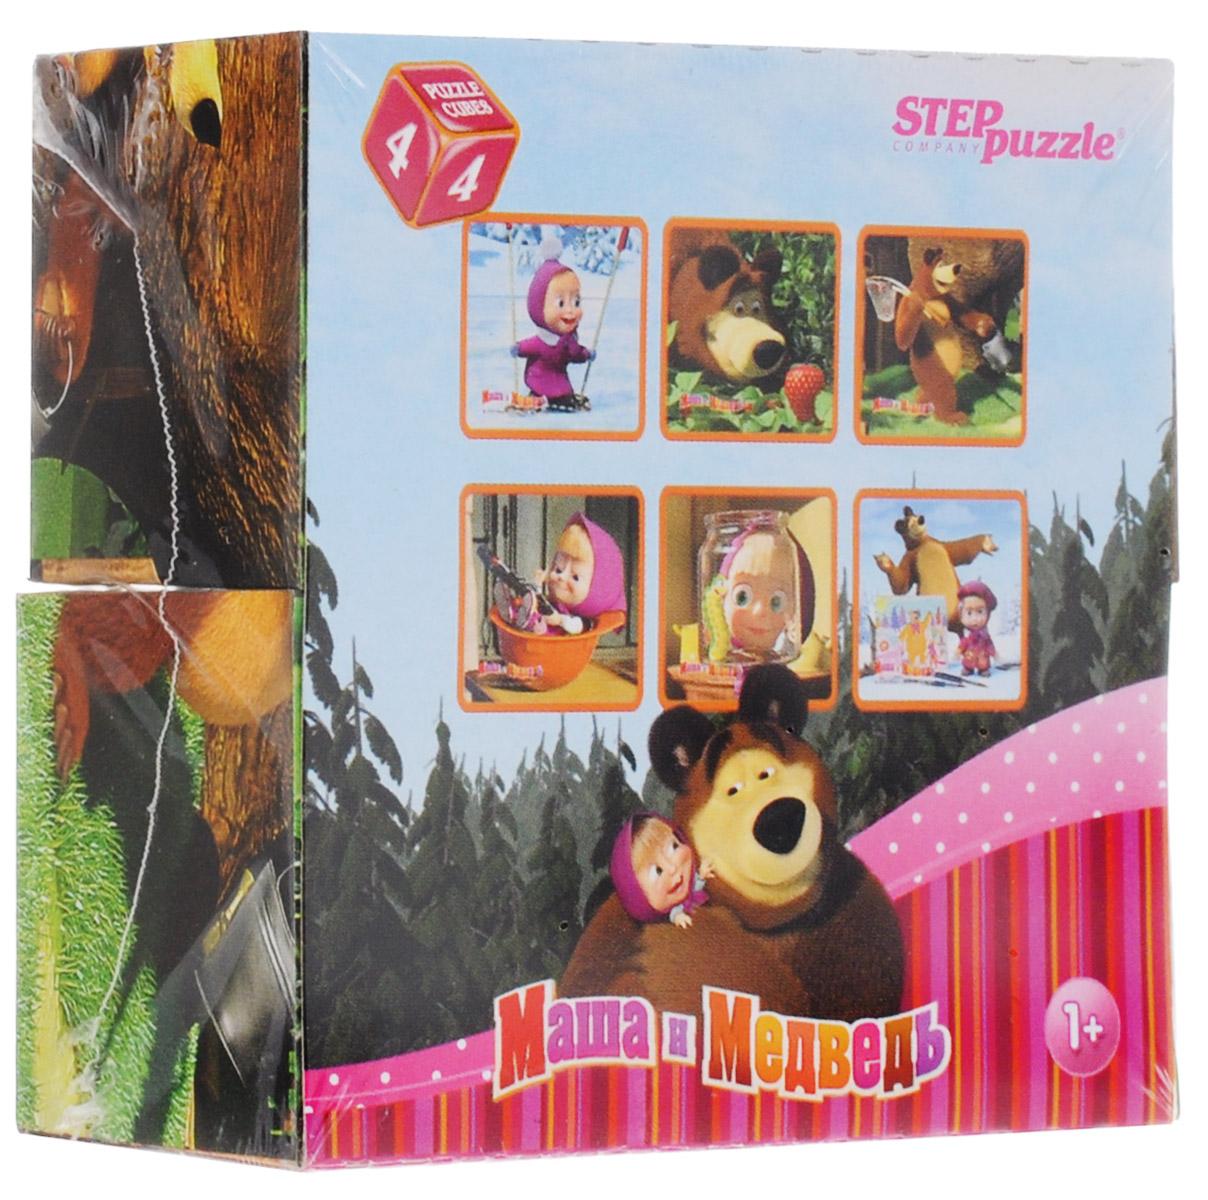 Step Puzzle Кубики Маша и Медведь 8713287132С помощью четырех кубиков Step Puzzle Маша и Медведь ребенок сможет собрать целых шесть красочных картинок с изображением героев из одноименного мультсериала. Кубики - самая популярная и самая необходимая игрушка для малыша. Наборы из 4-х кубиков специально разработаны для самых маленьких. Игра с кубиками развивает зрительное восприятие, наблюдательность и внимание, мелкую моторику рук и произвольные движения. Ребенок научится складывать целостный образ из частей, определять недостающие детали изображения. Это прекрасный комплект для развлечения и времяпрепровождения с пользой для малыша.